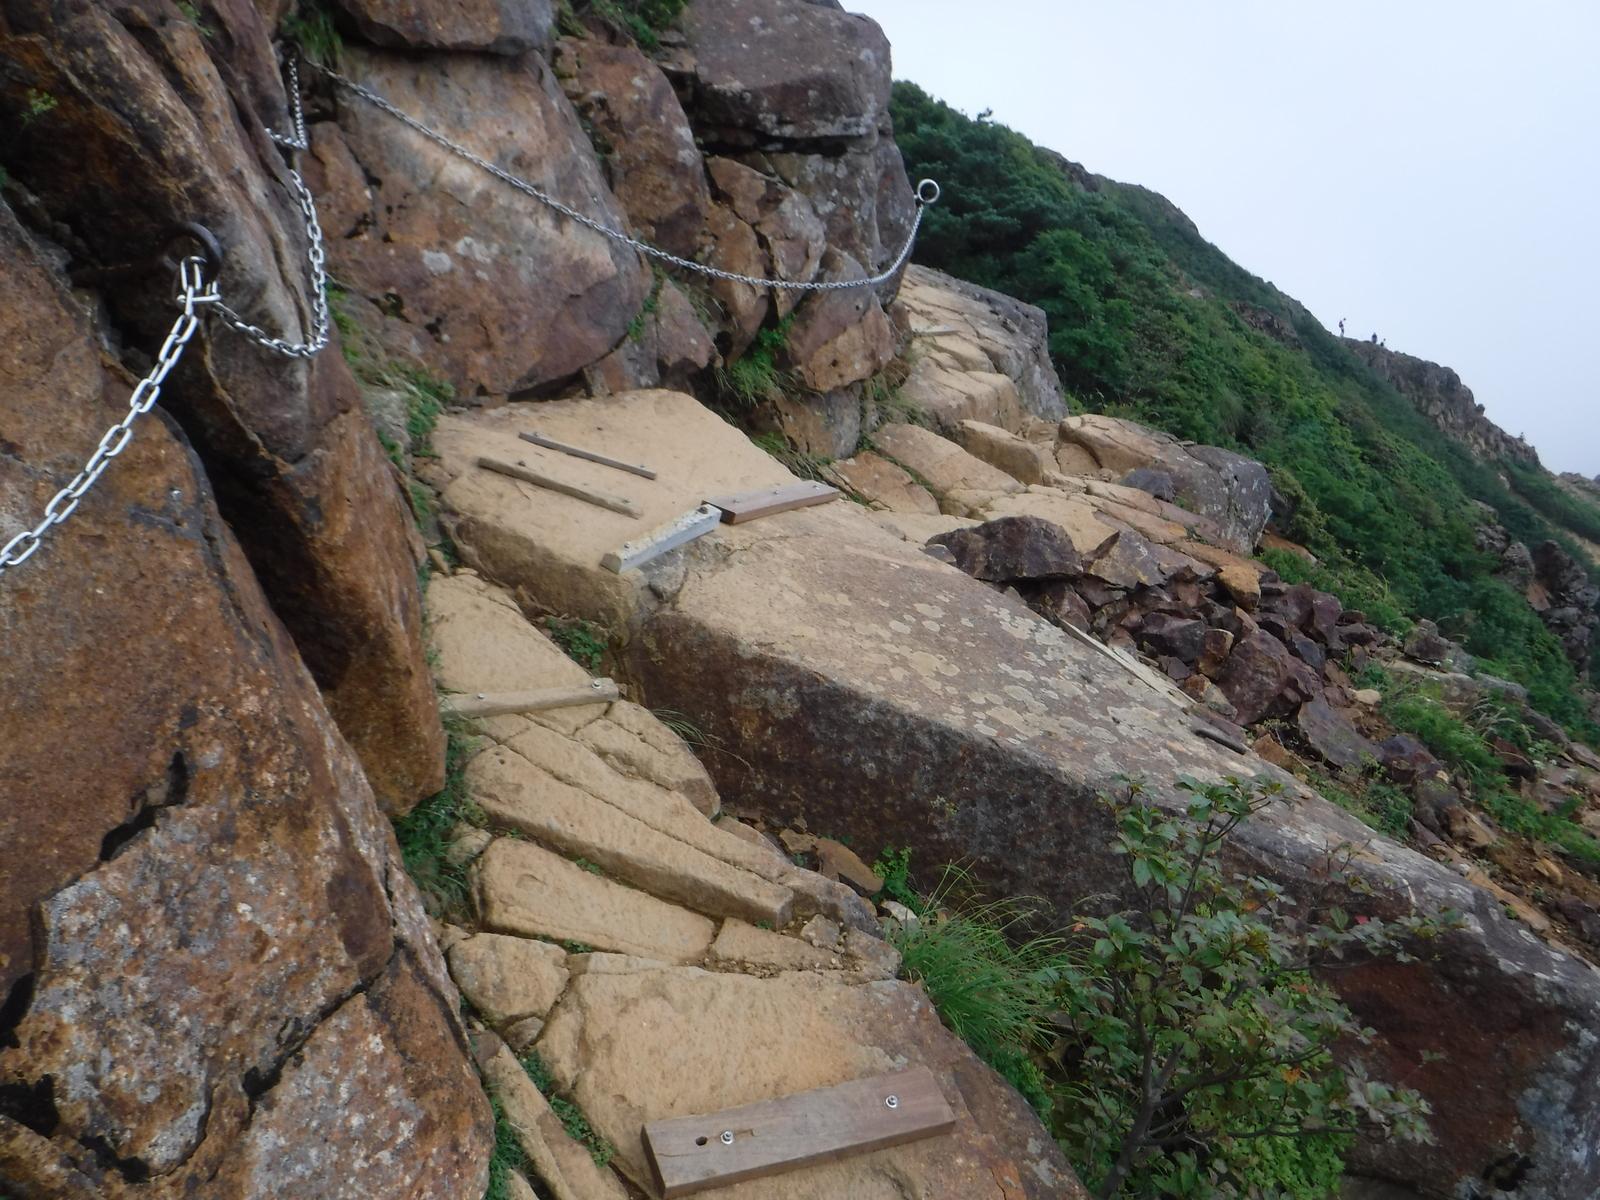 露岩に、木製のステップを固定してあり、歩きやすい